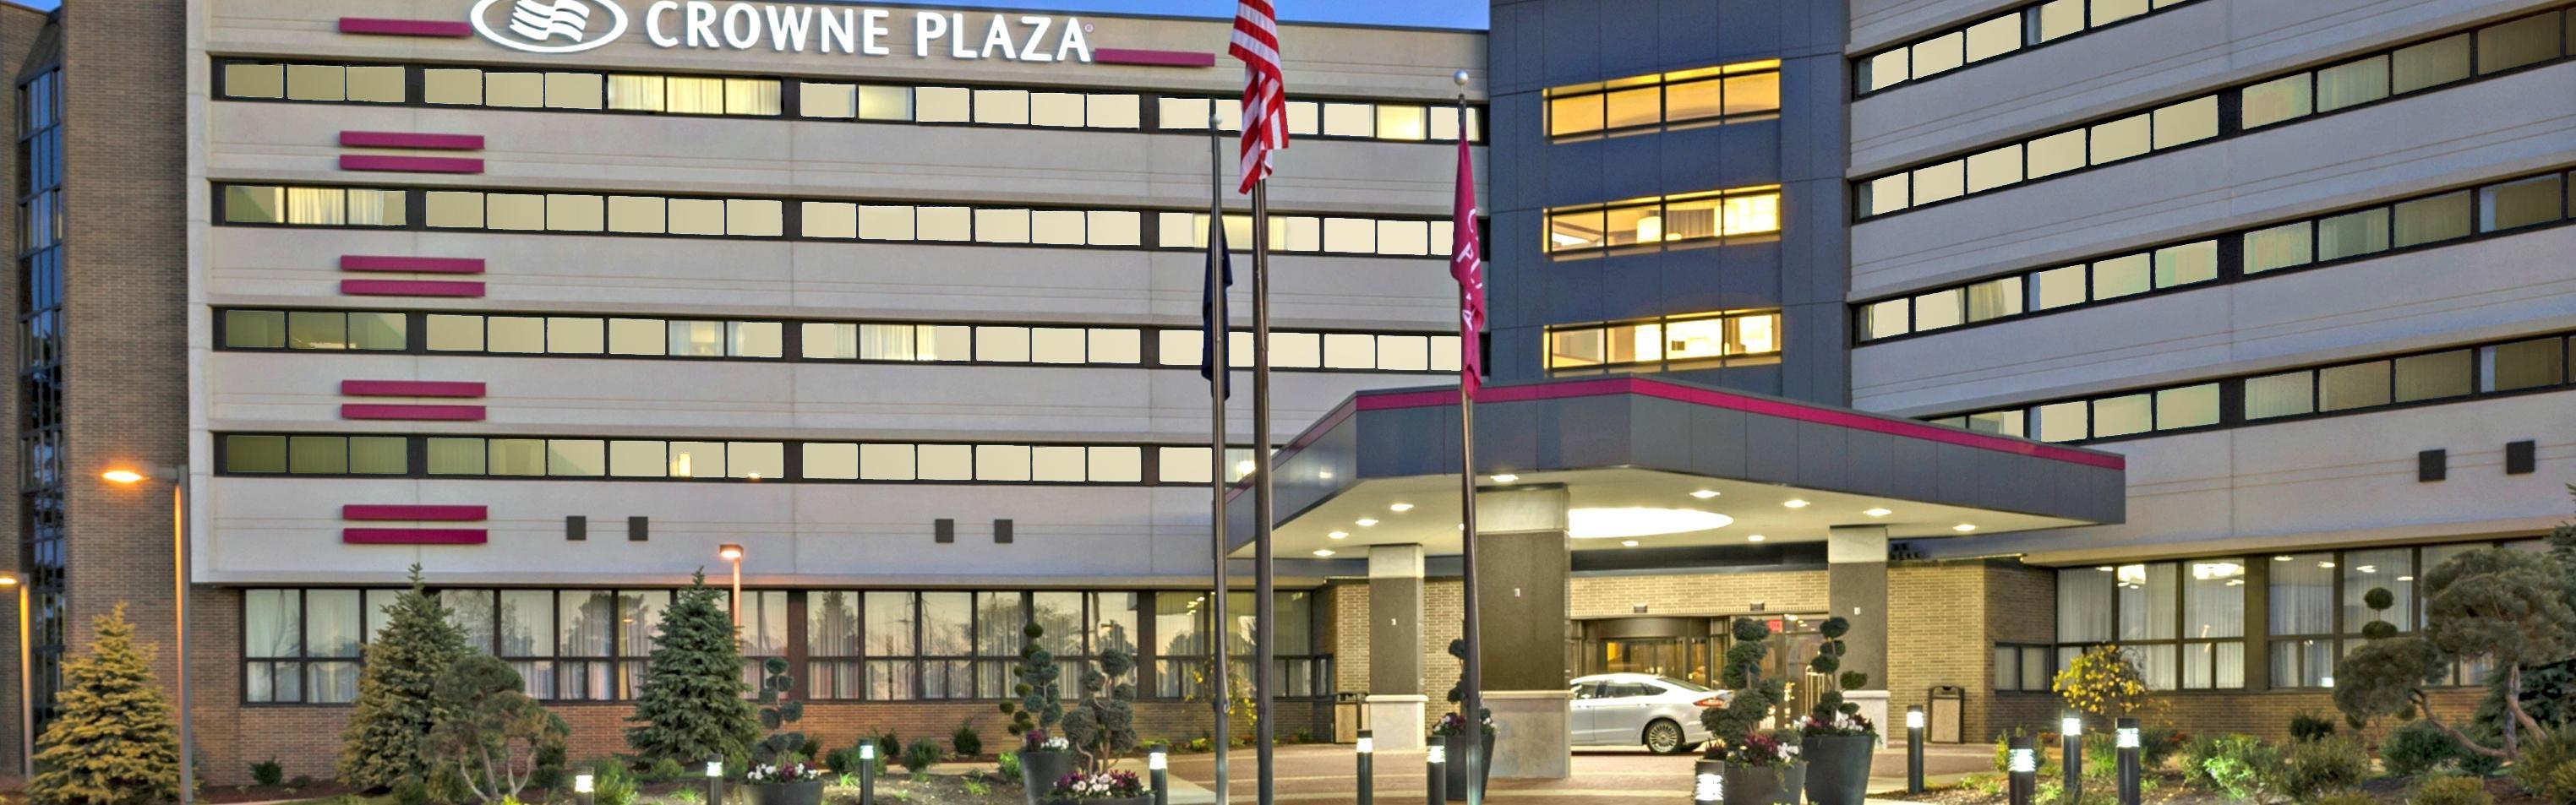 Crowne Plaza Lansing West Lansing Michigan Mi